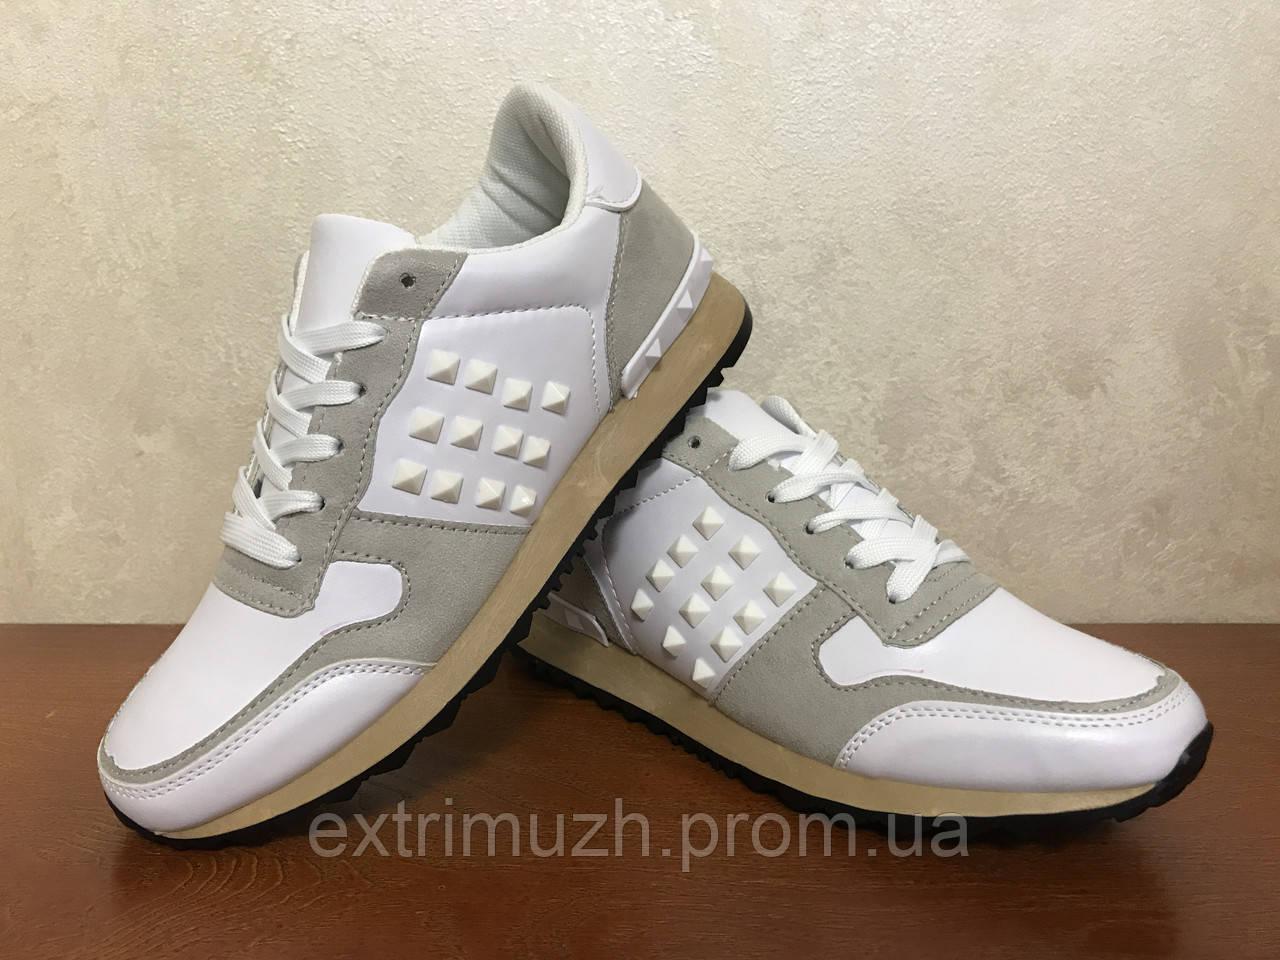 Женские кроссовки Польша 36-41, цена 520 грн., купить в Хмельницком ... 5c285d9eb3b